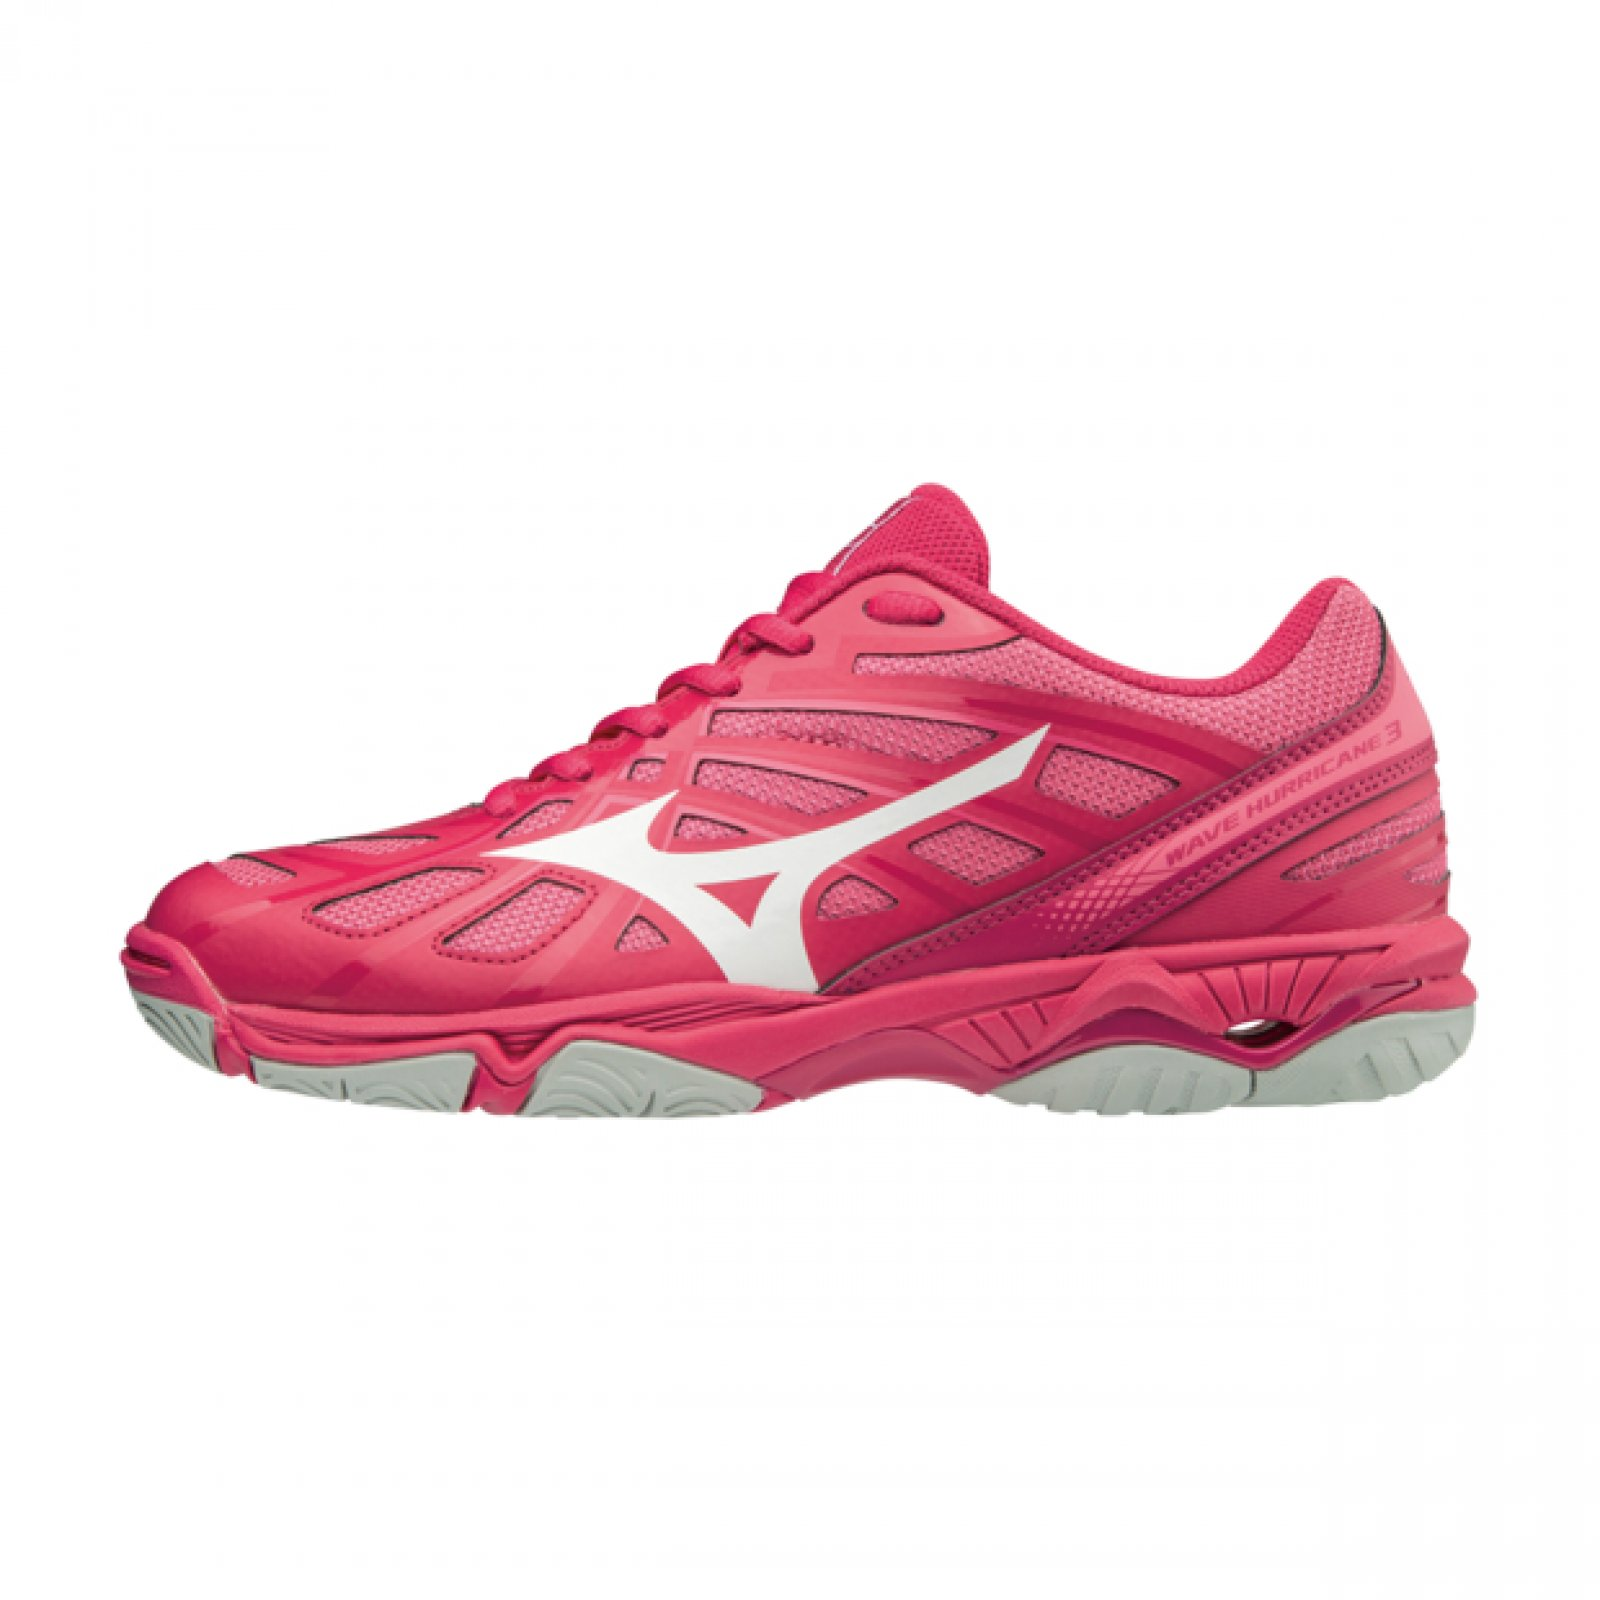 Volejbalové boty Mizuno Wave Hurricane 3 W V1GC174061 - Actisport.cz 8e7de22a71